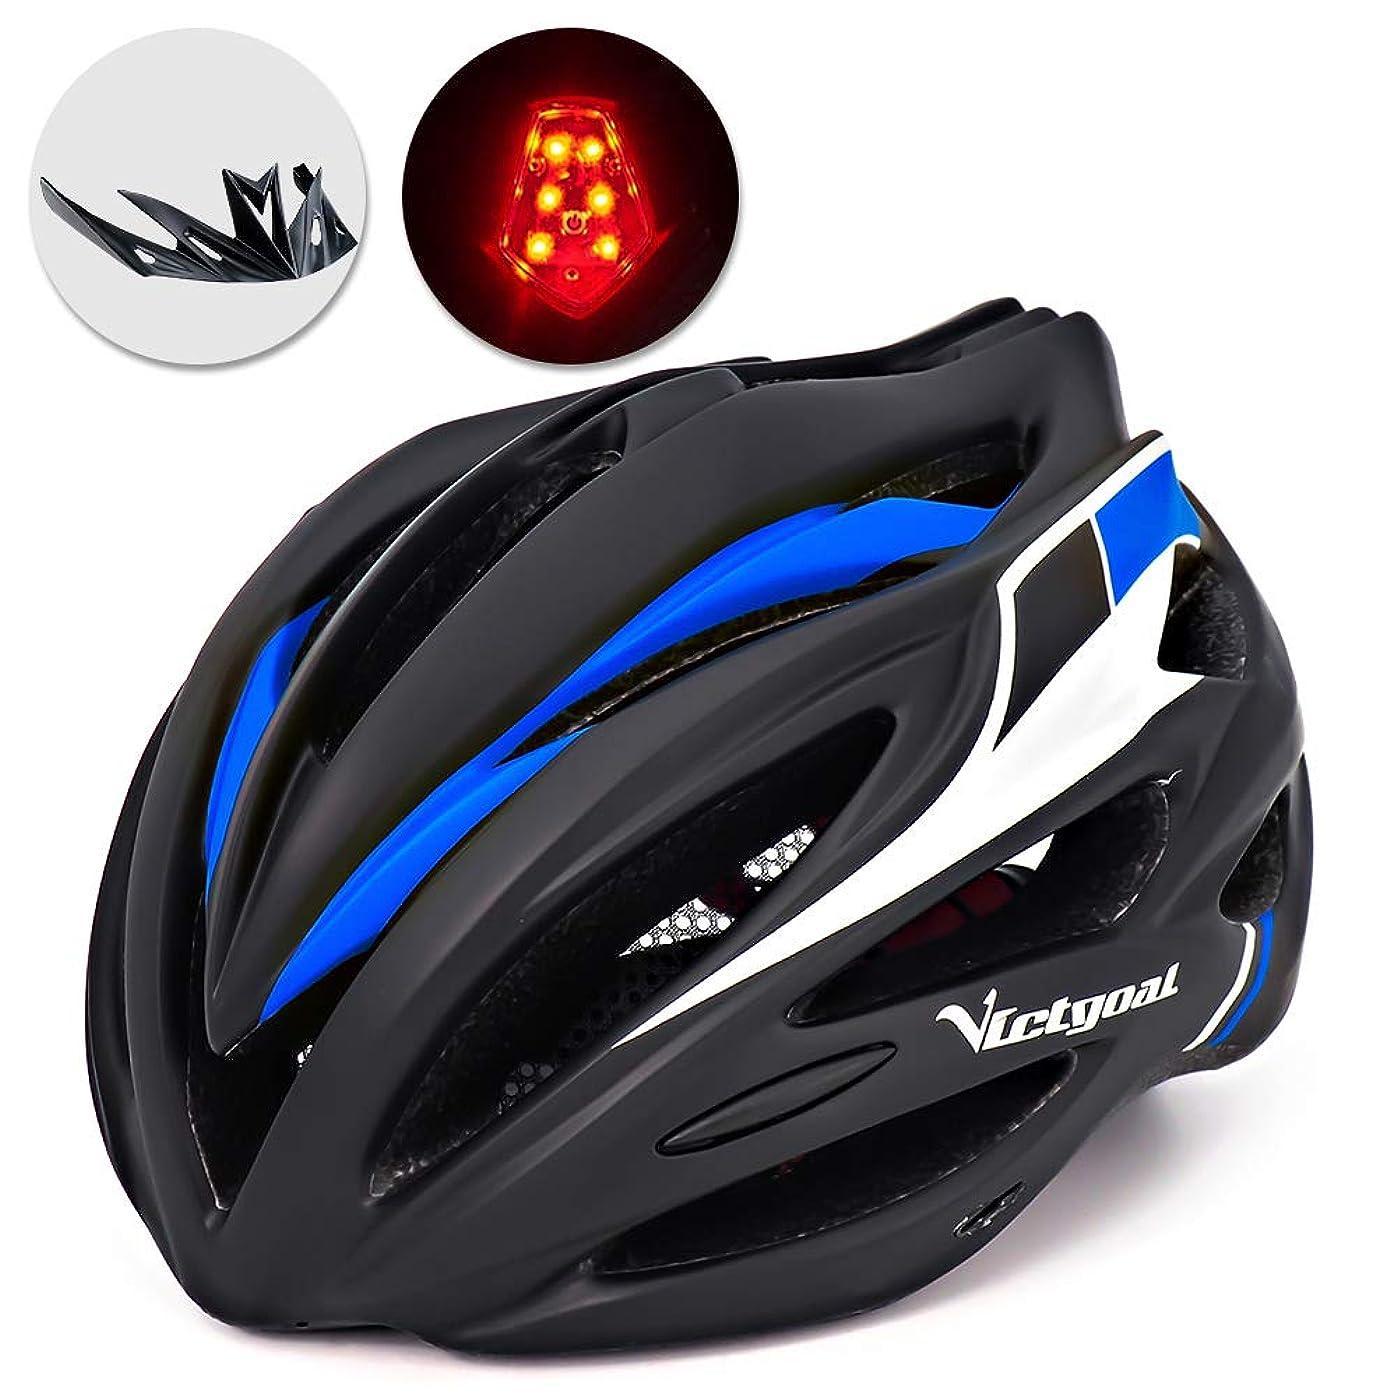 簡潔な液化する知っているに立ち寄るVICTGOAL 自転車 ヘルメット大人用 ロードバイク/サイクリング ヘルメット 超軽量 高剛性 LEDライト?男女兼用 ヘルメット通気 サイズ調整可能 57-61CM M/L